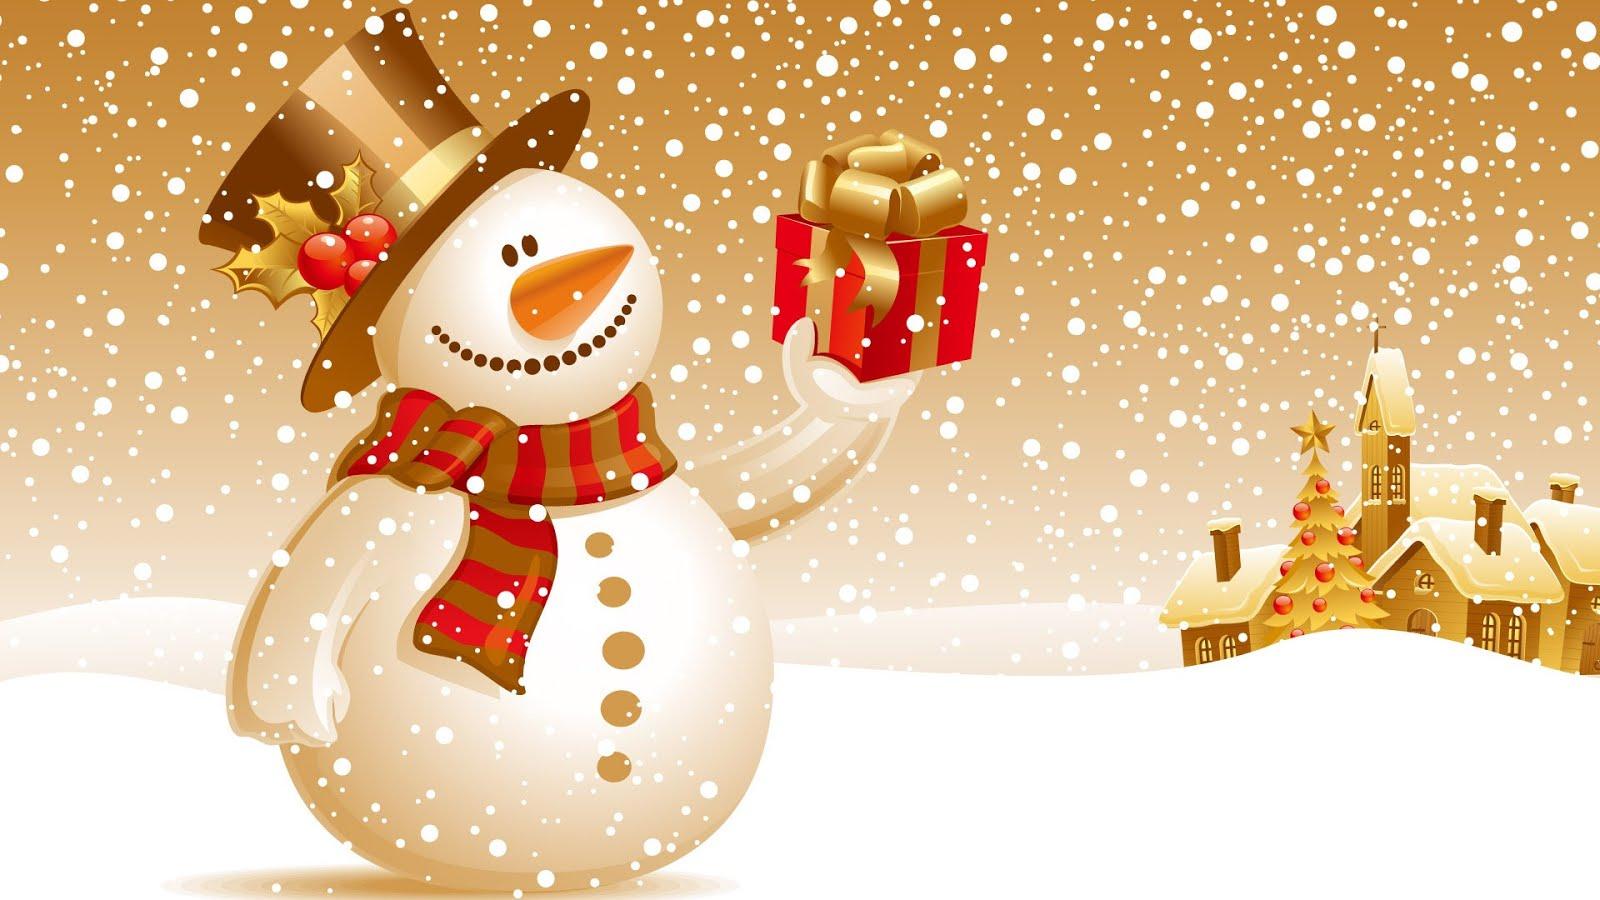 besplatne elektronske božićne čestitke Pozadine 1920x1080 HDTV 1080p: Snješko drži Božićni poklon besplatne elektronske božićne čestitke